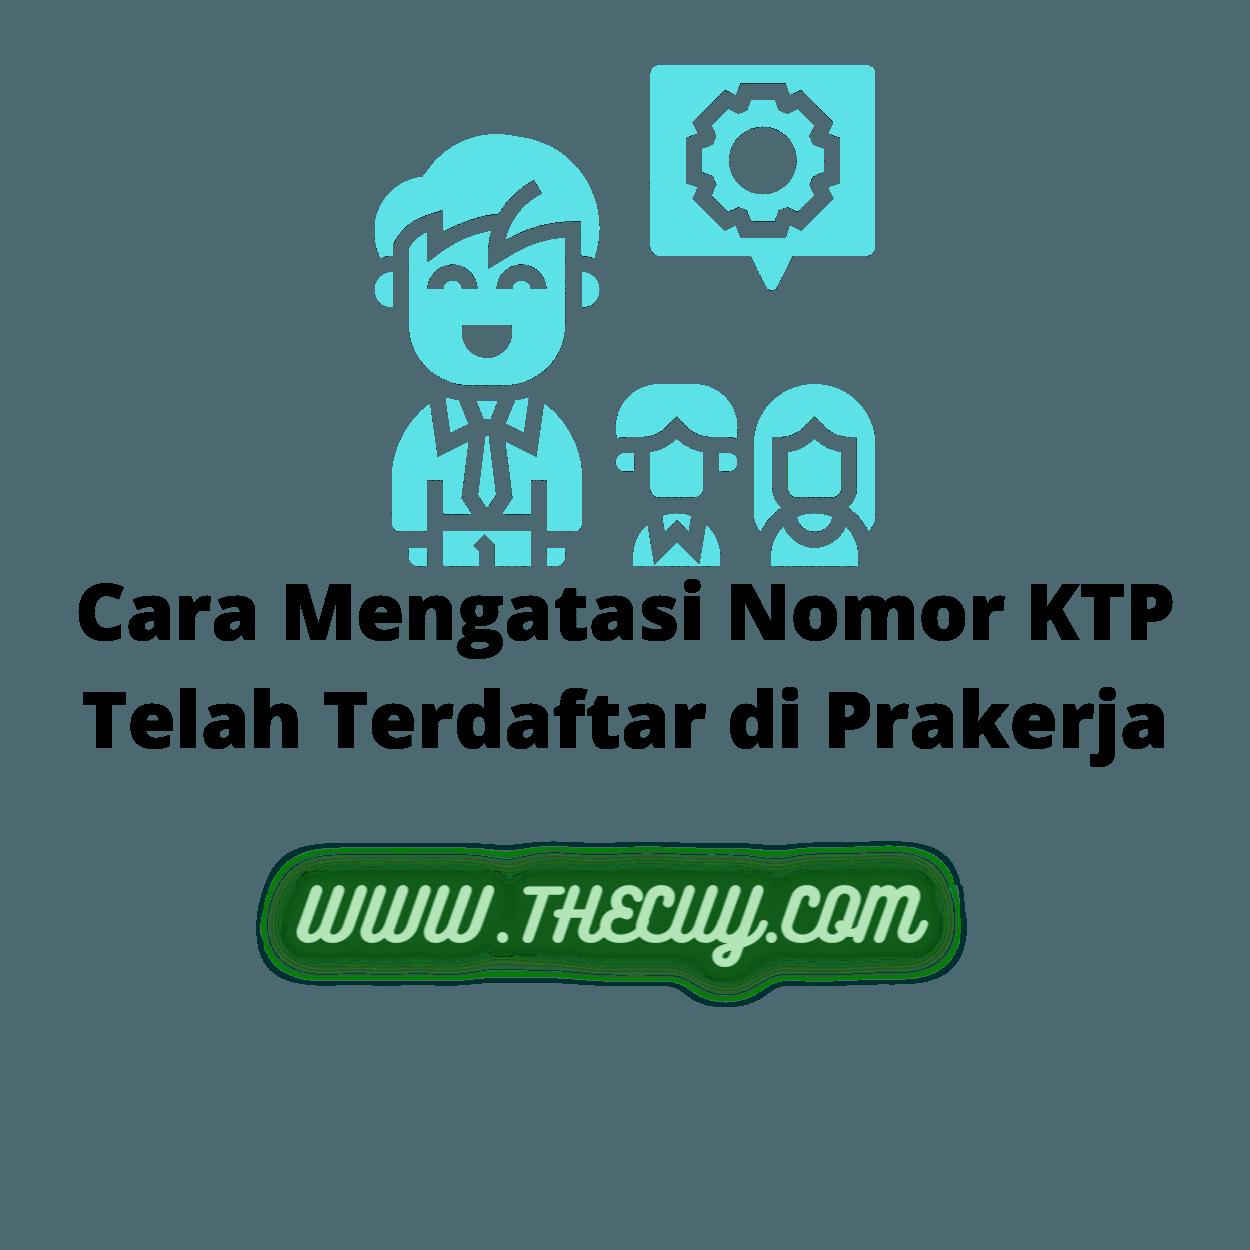 Cara Mengatasi Nomor KTP Telah Terdaftar di Prakerja